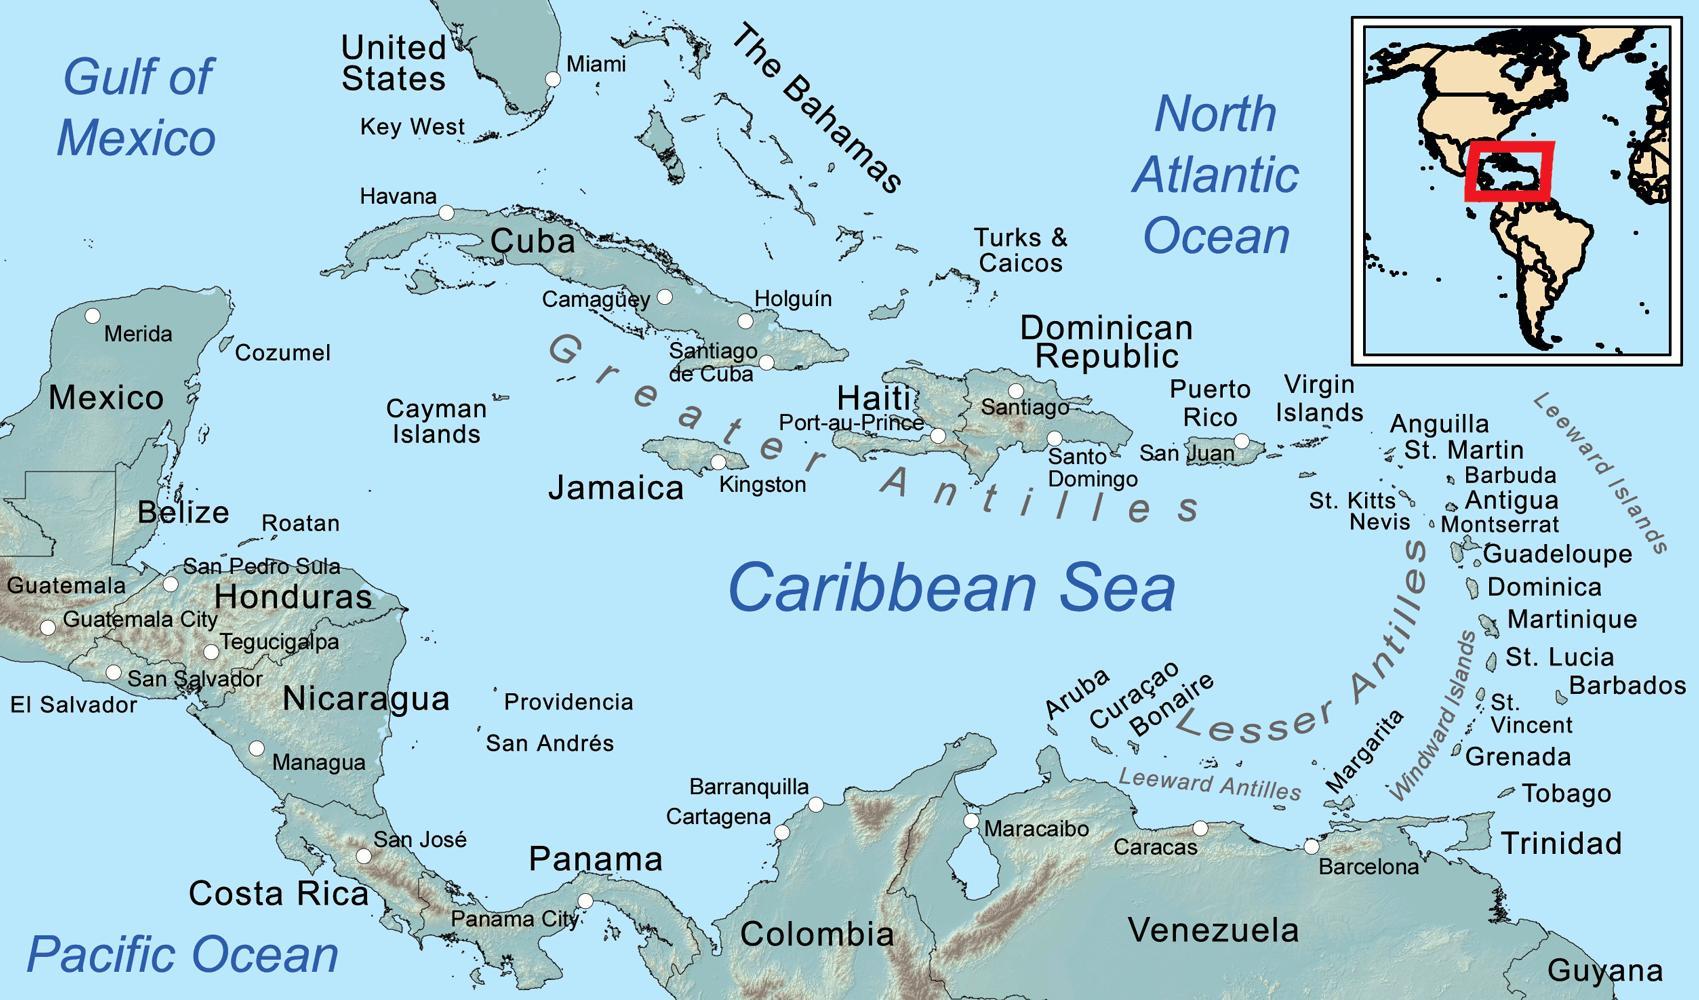 Jamaikan Saaren Kartta Kartta Jamaika Ja Ymparoiville Saarille